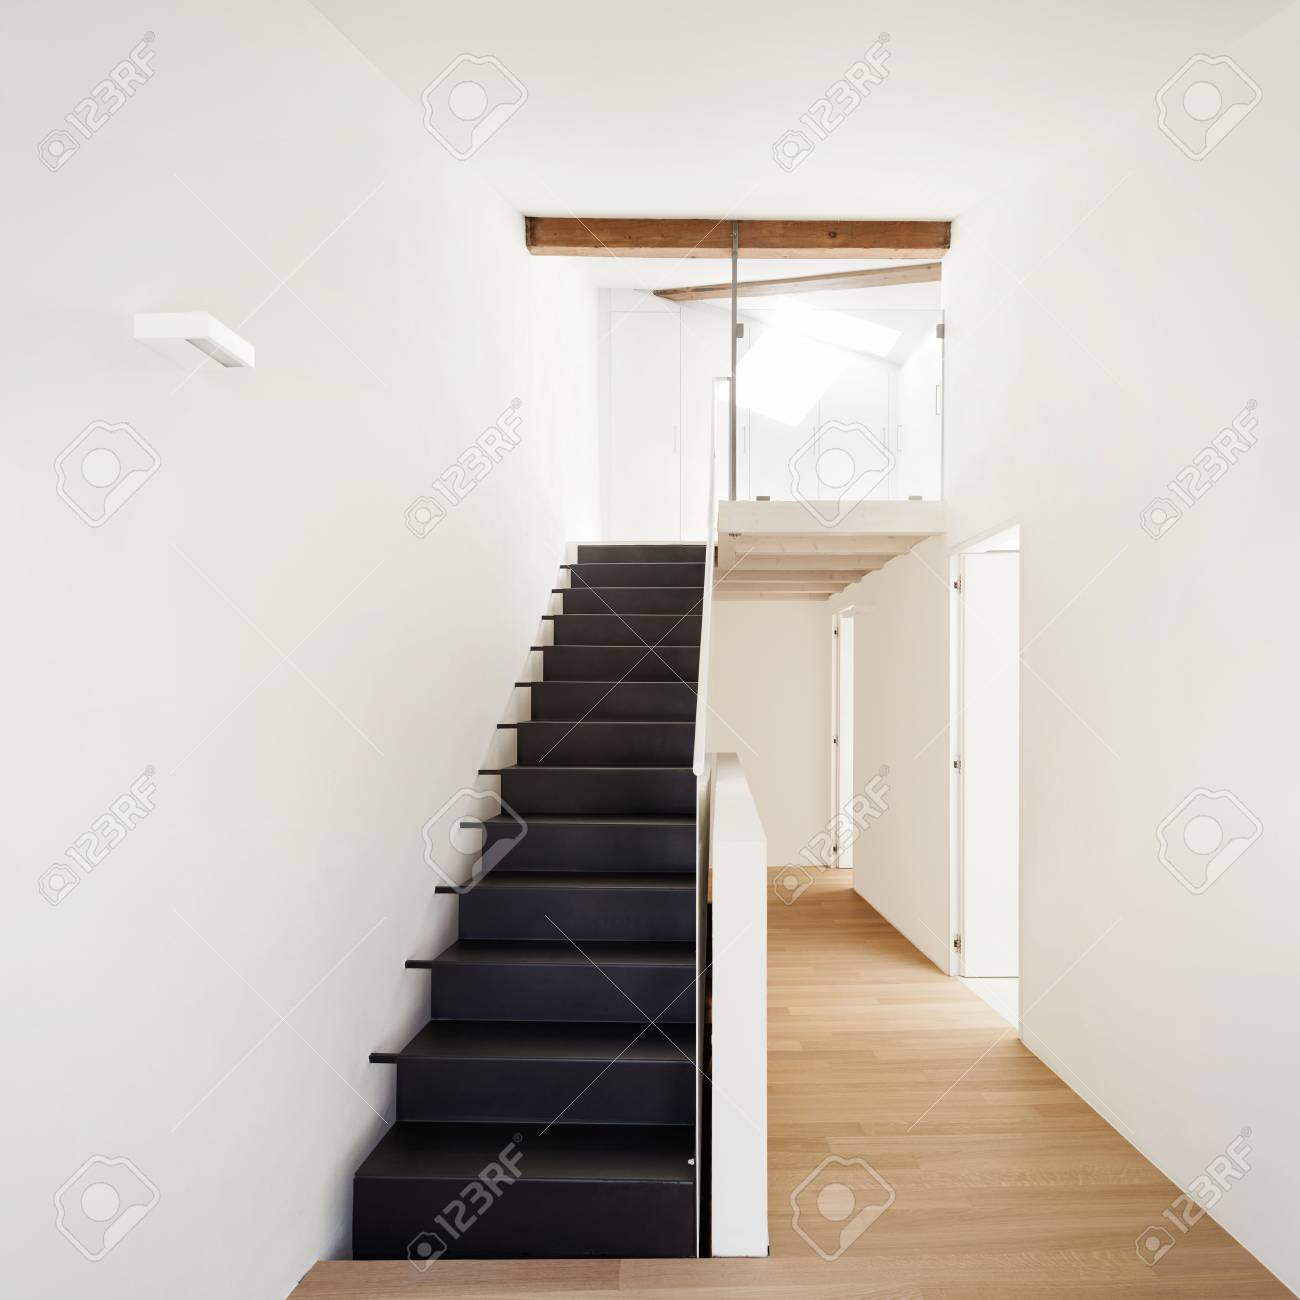 Schone Moderne Dachboden Blick Auf Die Treppe Lizenzfreie Fotos